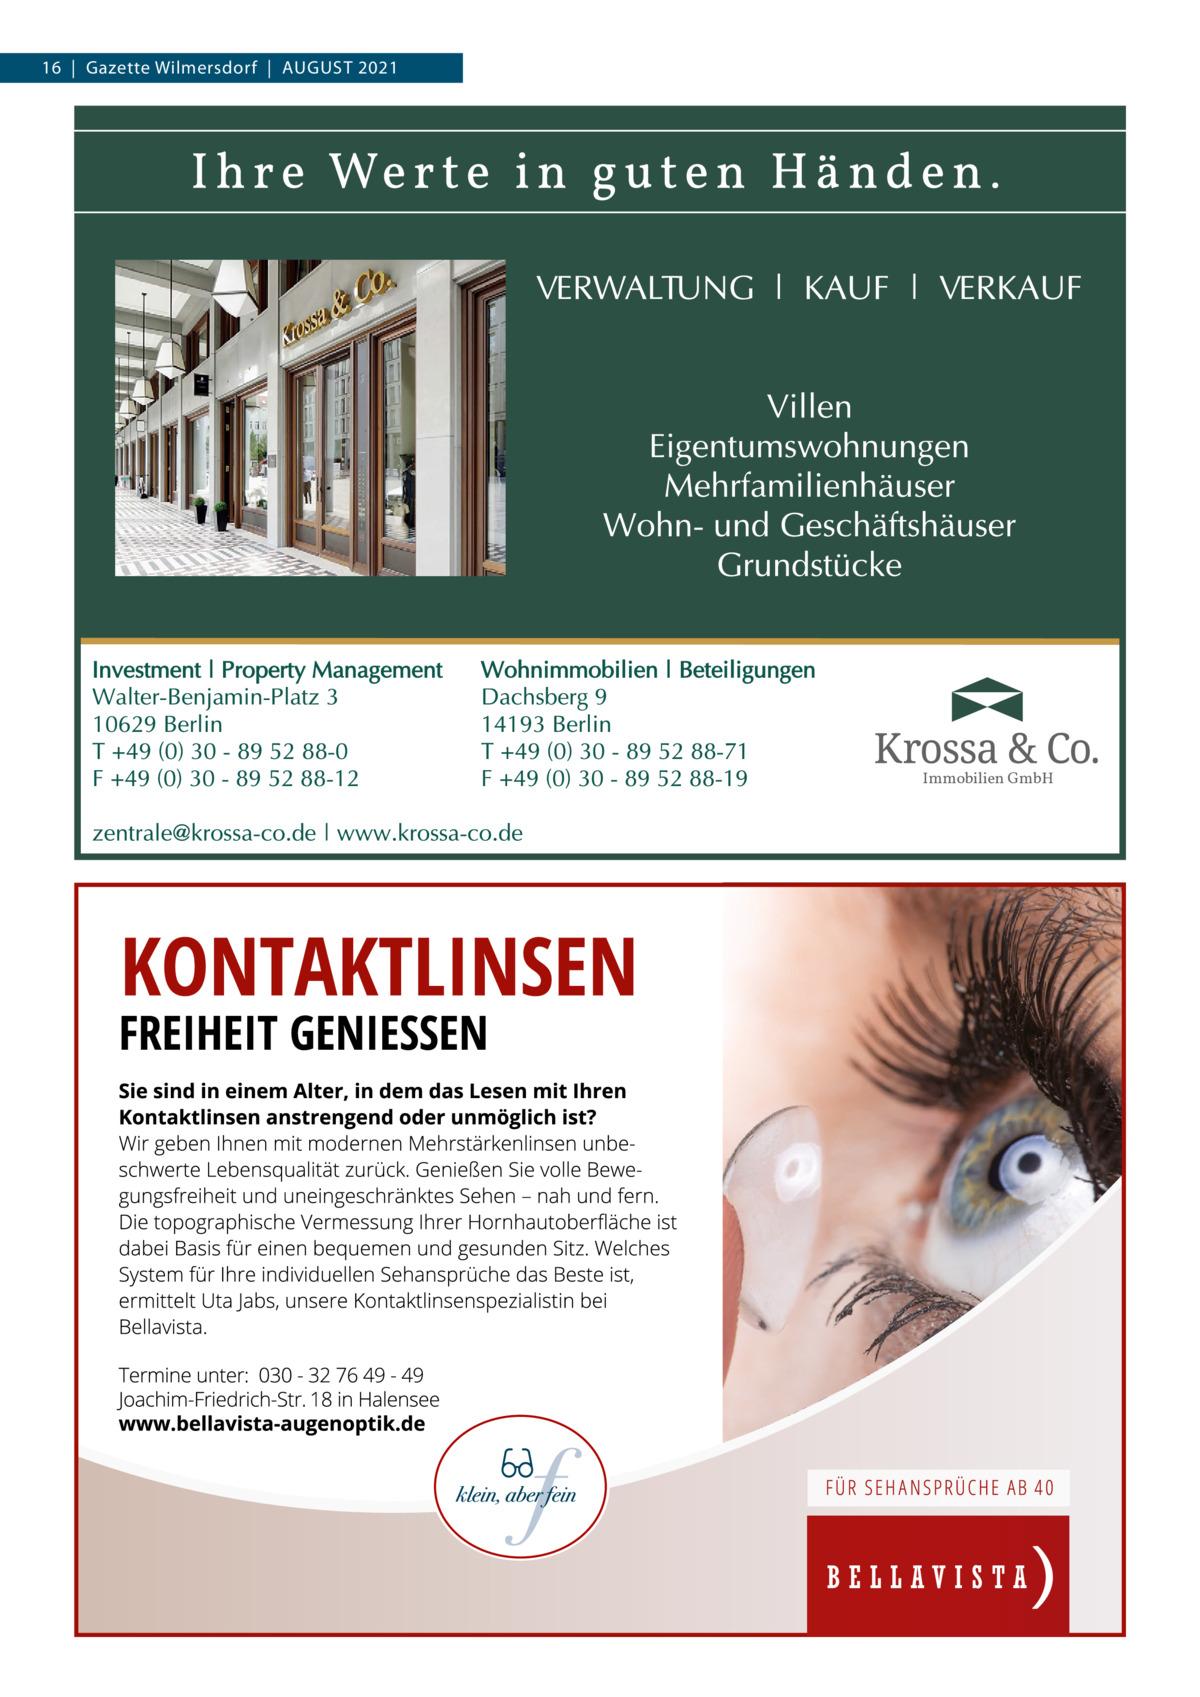 16 Gazette Wilmersdorf August 2021  Immobilien GmbH